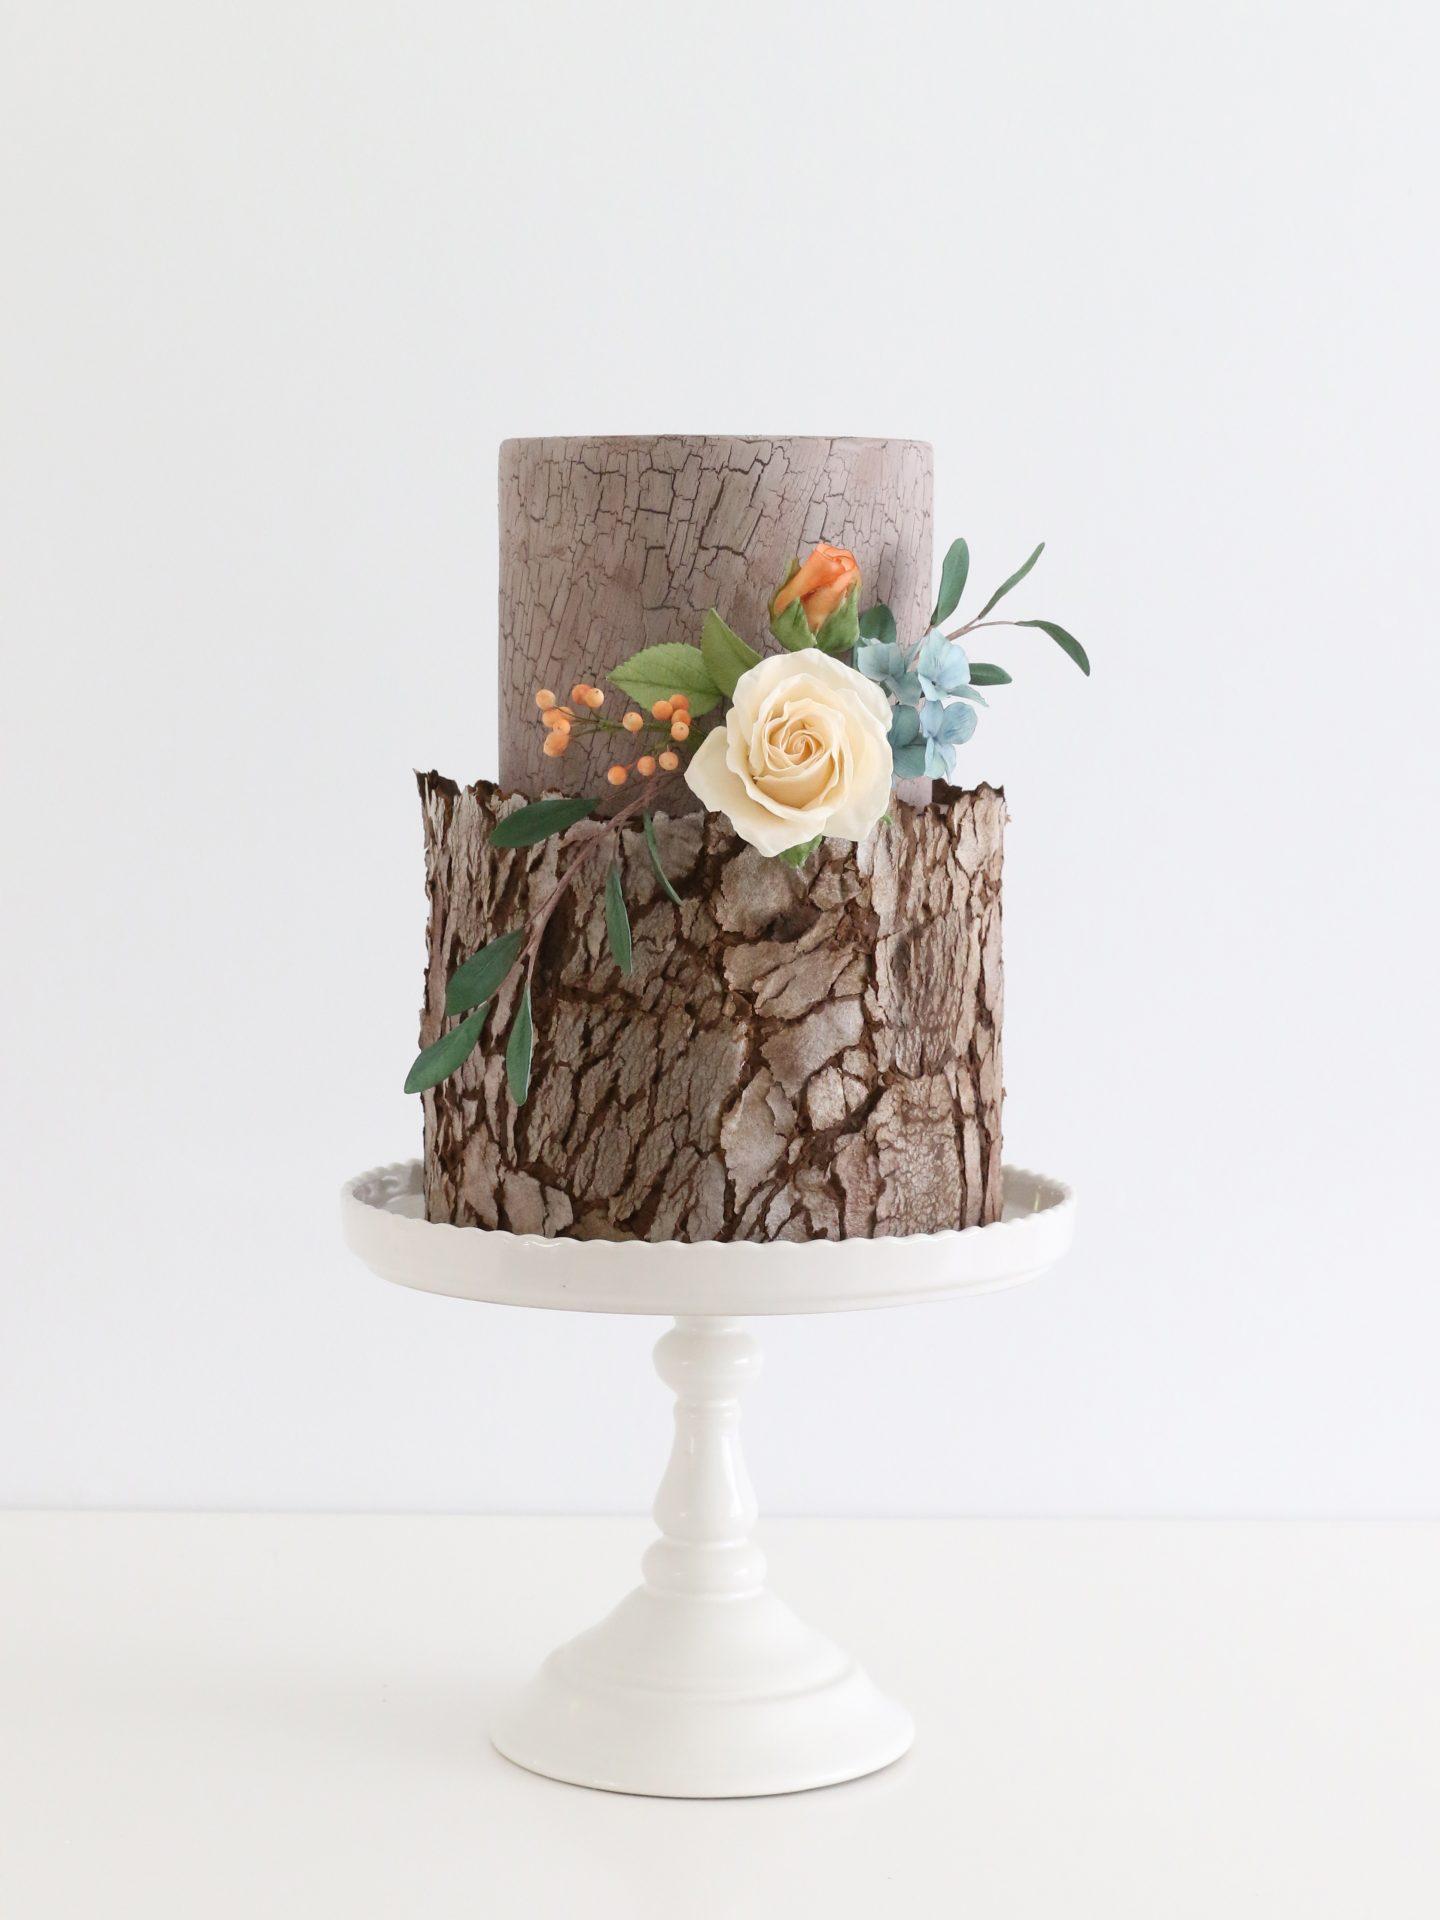 Woodland Tree wedding cake